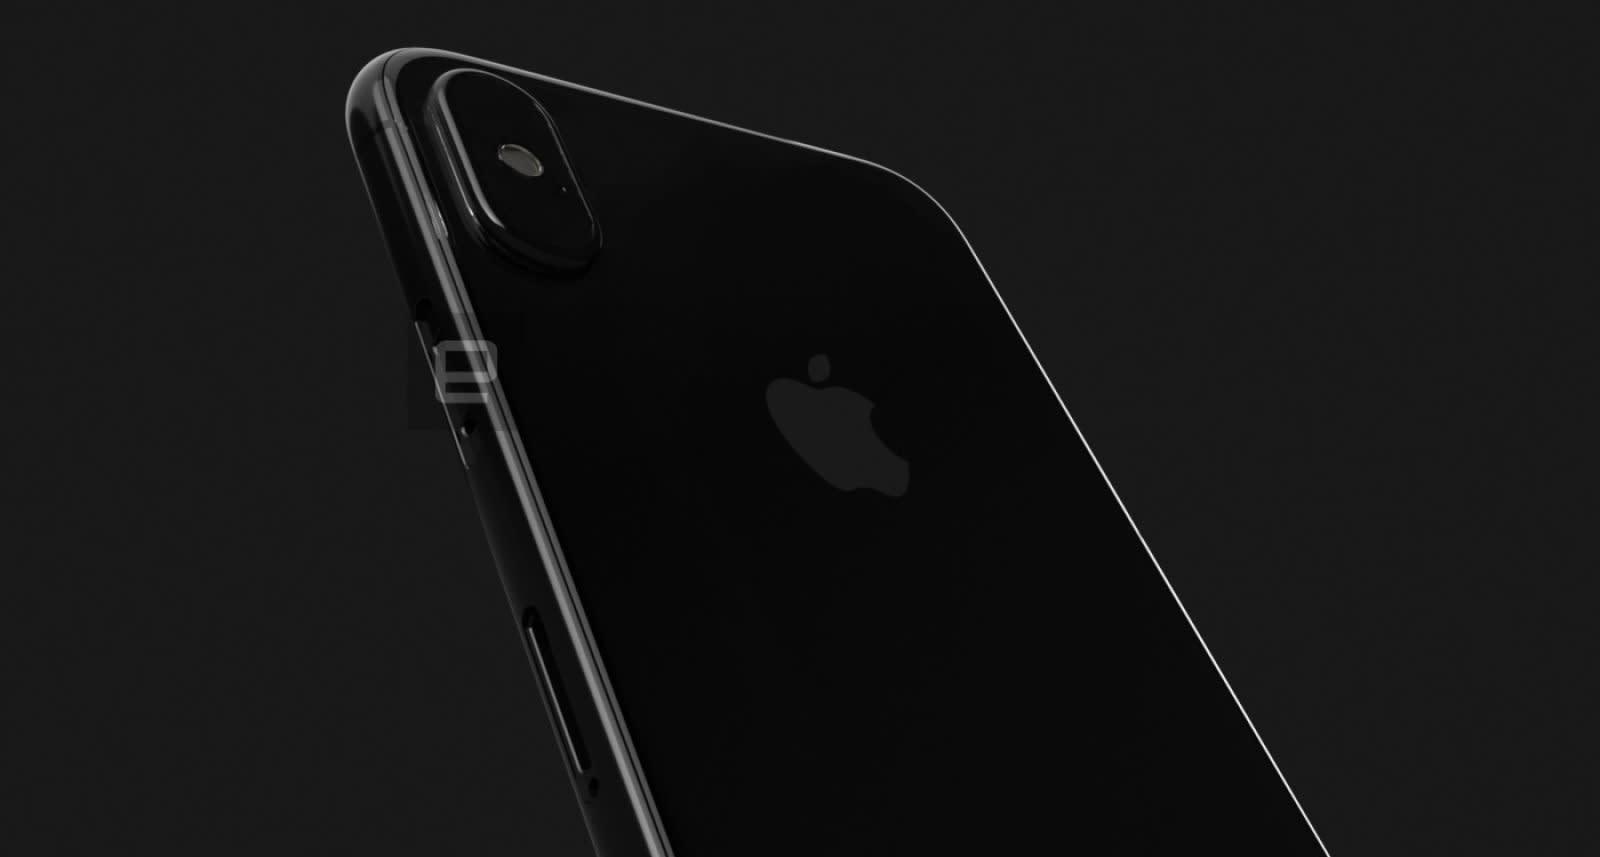 iPhone 8(仮)の画面は5.15インチで解像度2436×1125? HomePodのFWから手がかり見つかる - Engadget 日本版